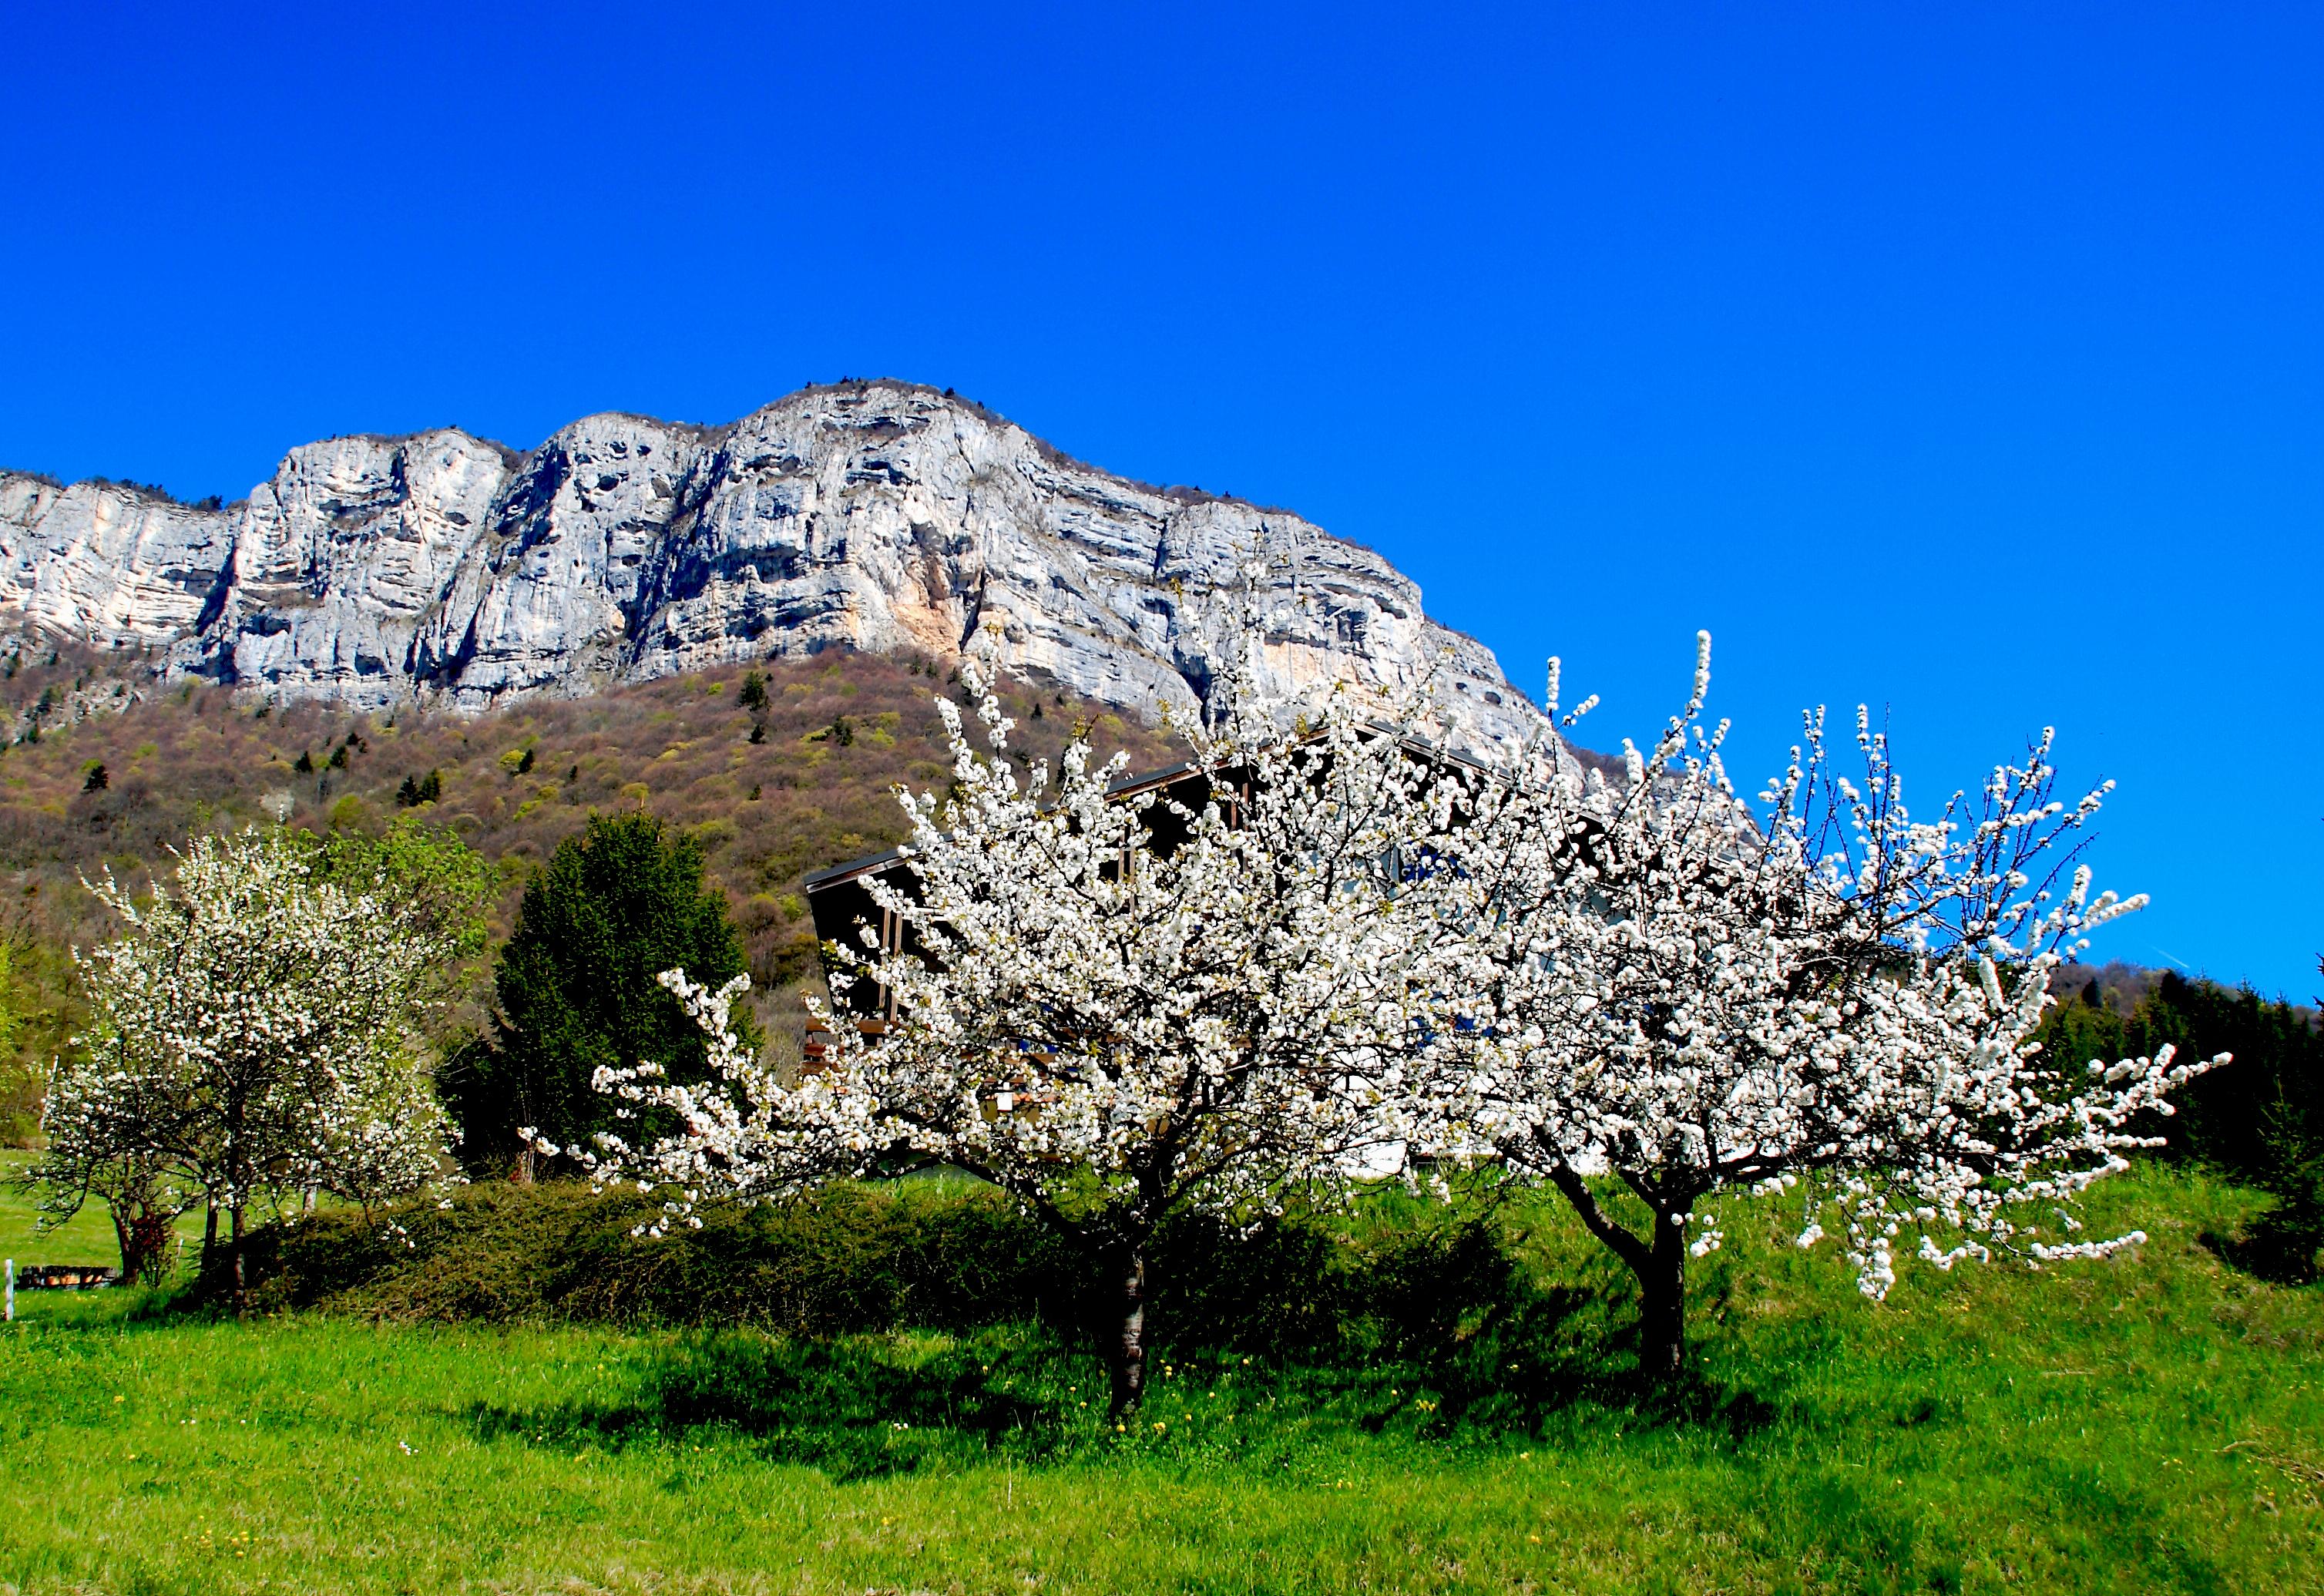 photo fanch printemps.jpg